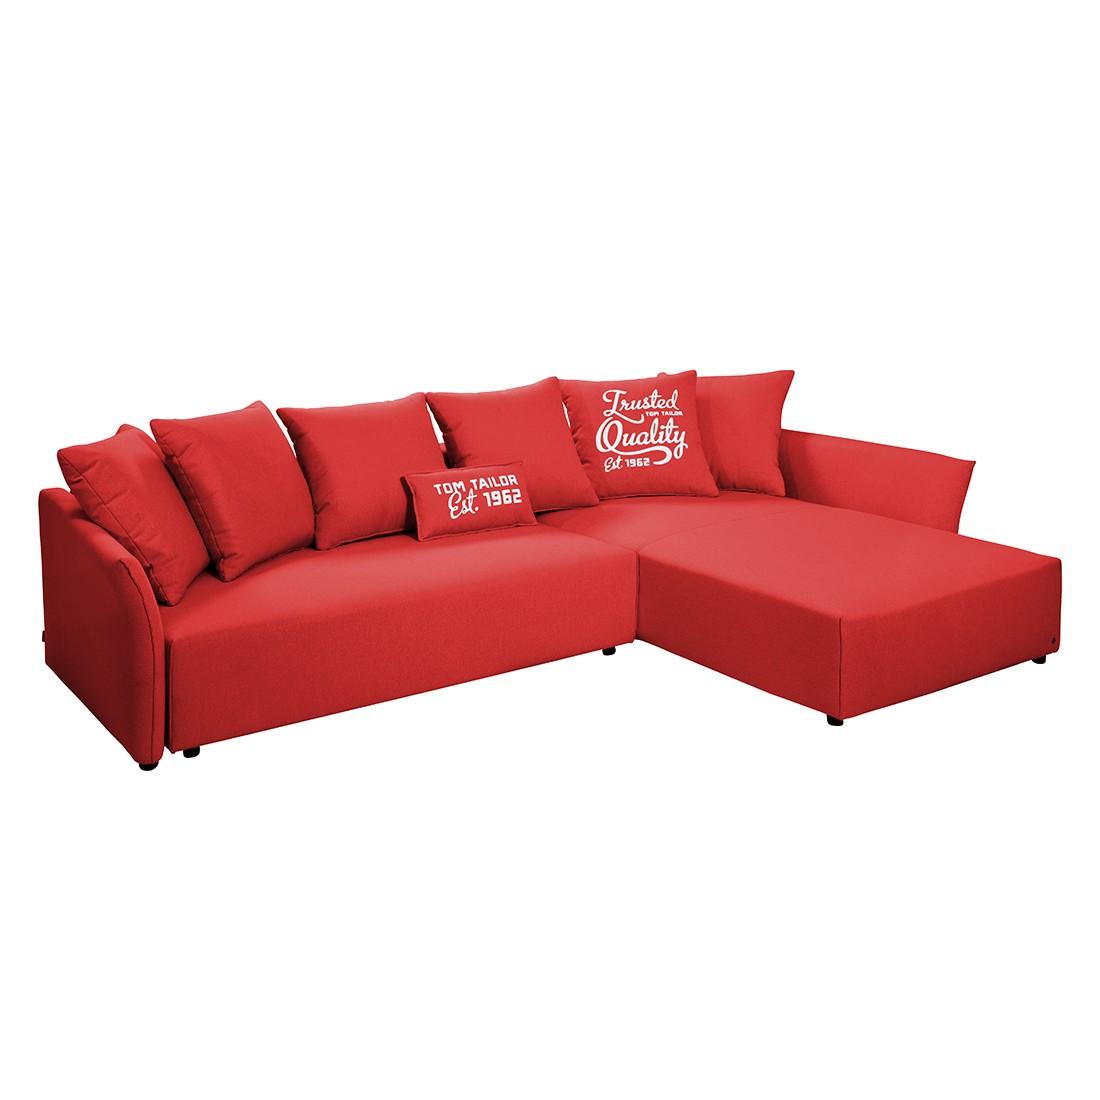 Ecksofas & Eckcouches online kaufen  MöbelSuchmaschine  # Ecksofa Mit Schlaffunktion Rot